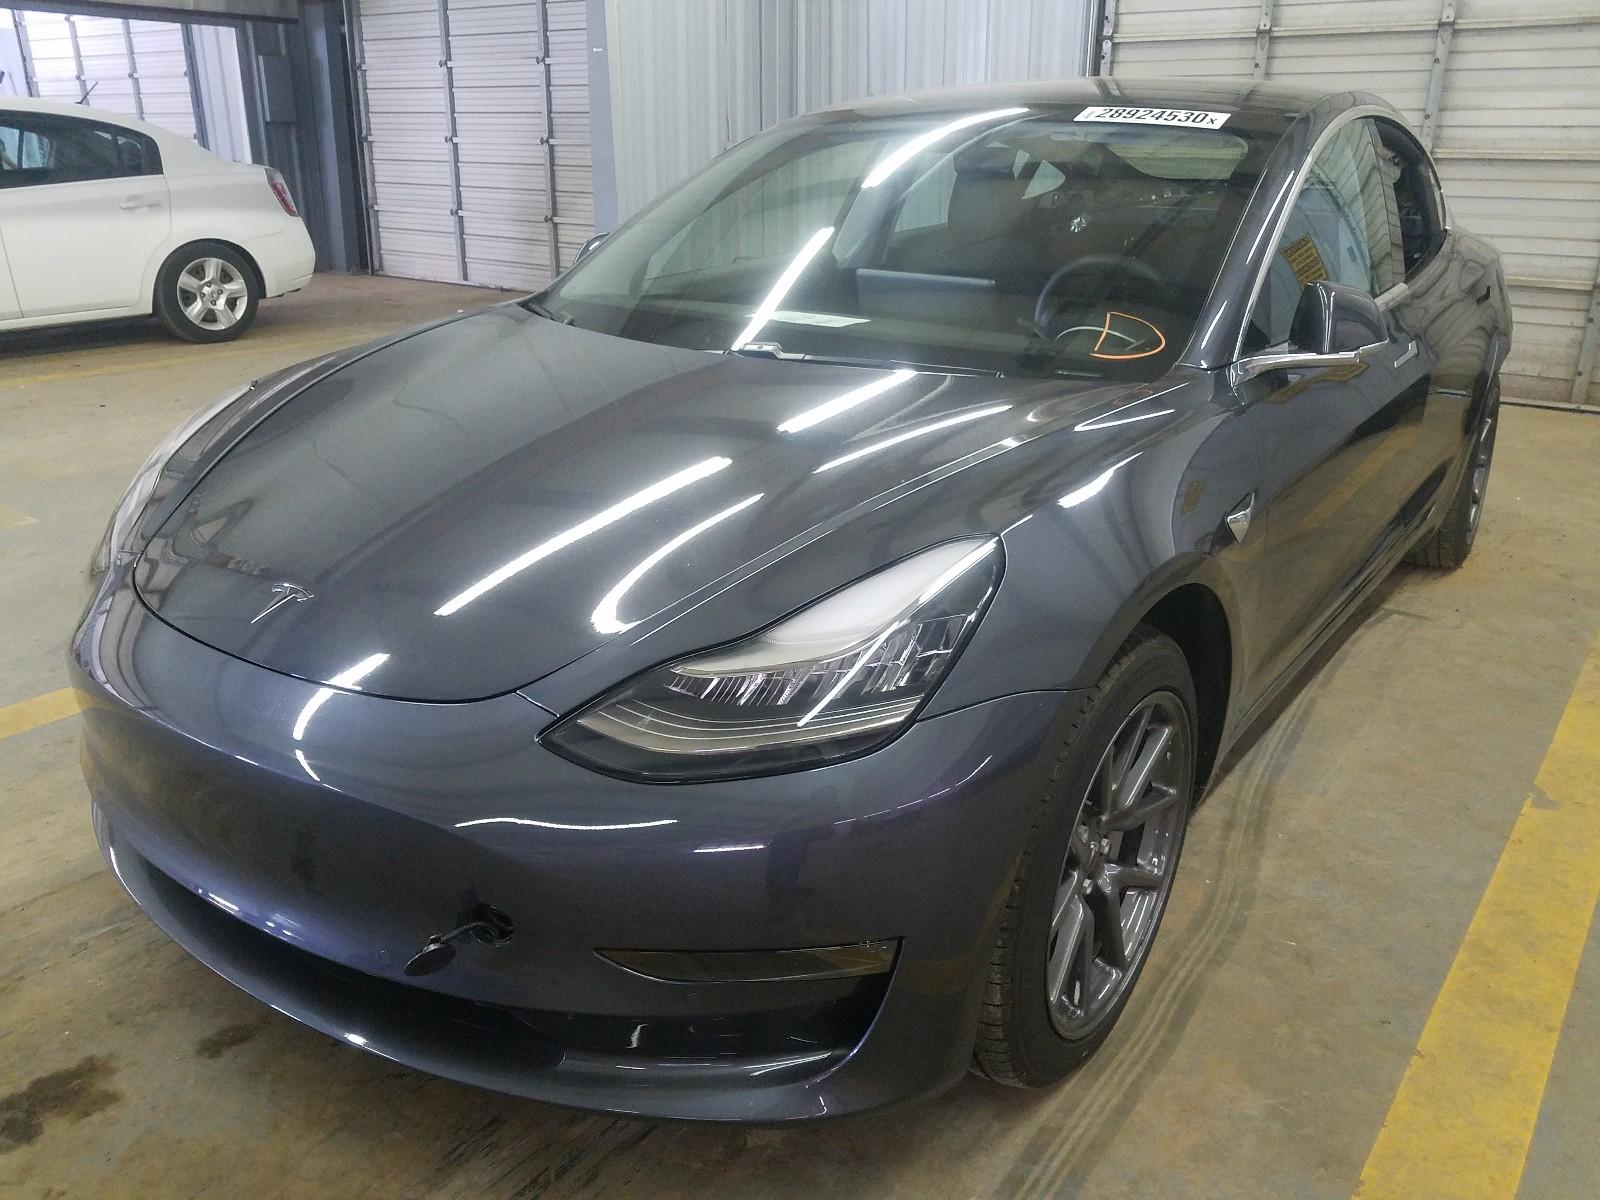 2019 Tesla Model 3 for sale at Copart Mocksville, NC Lot ...